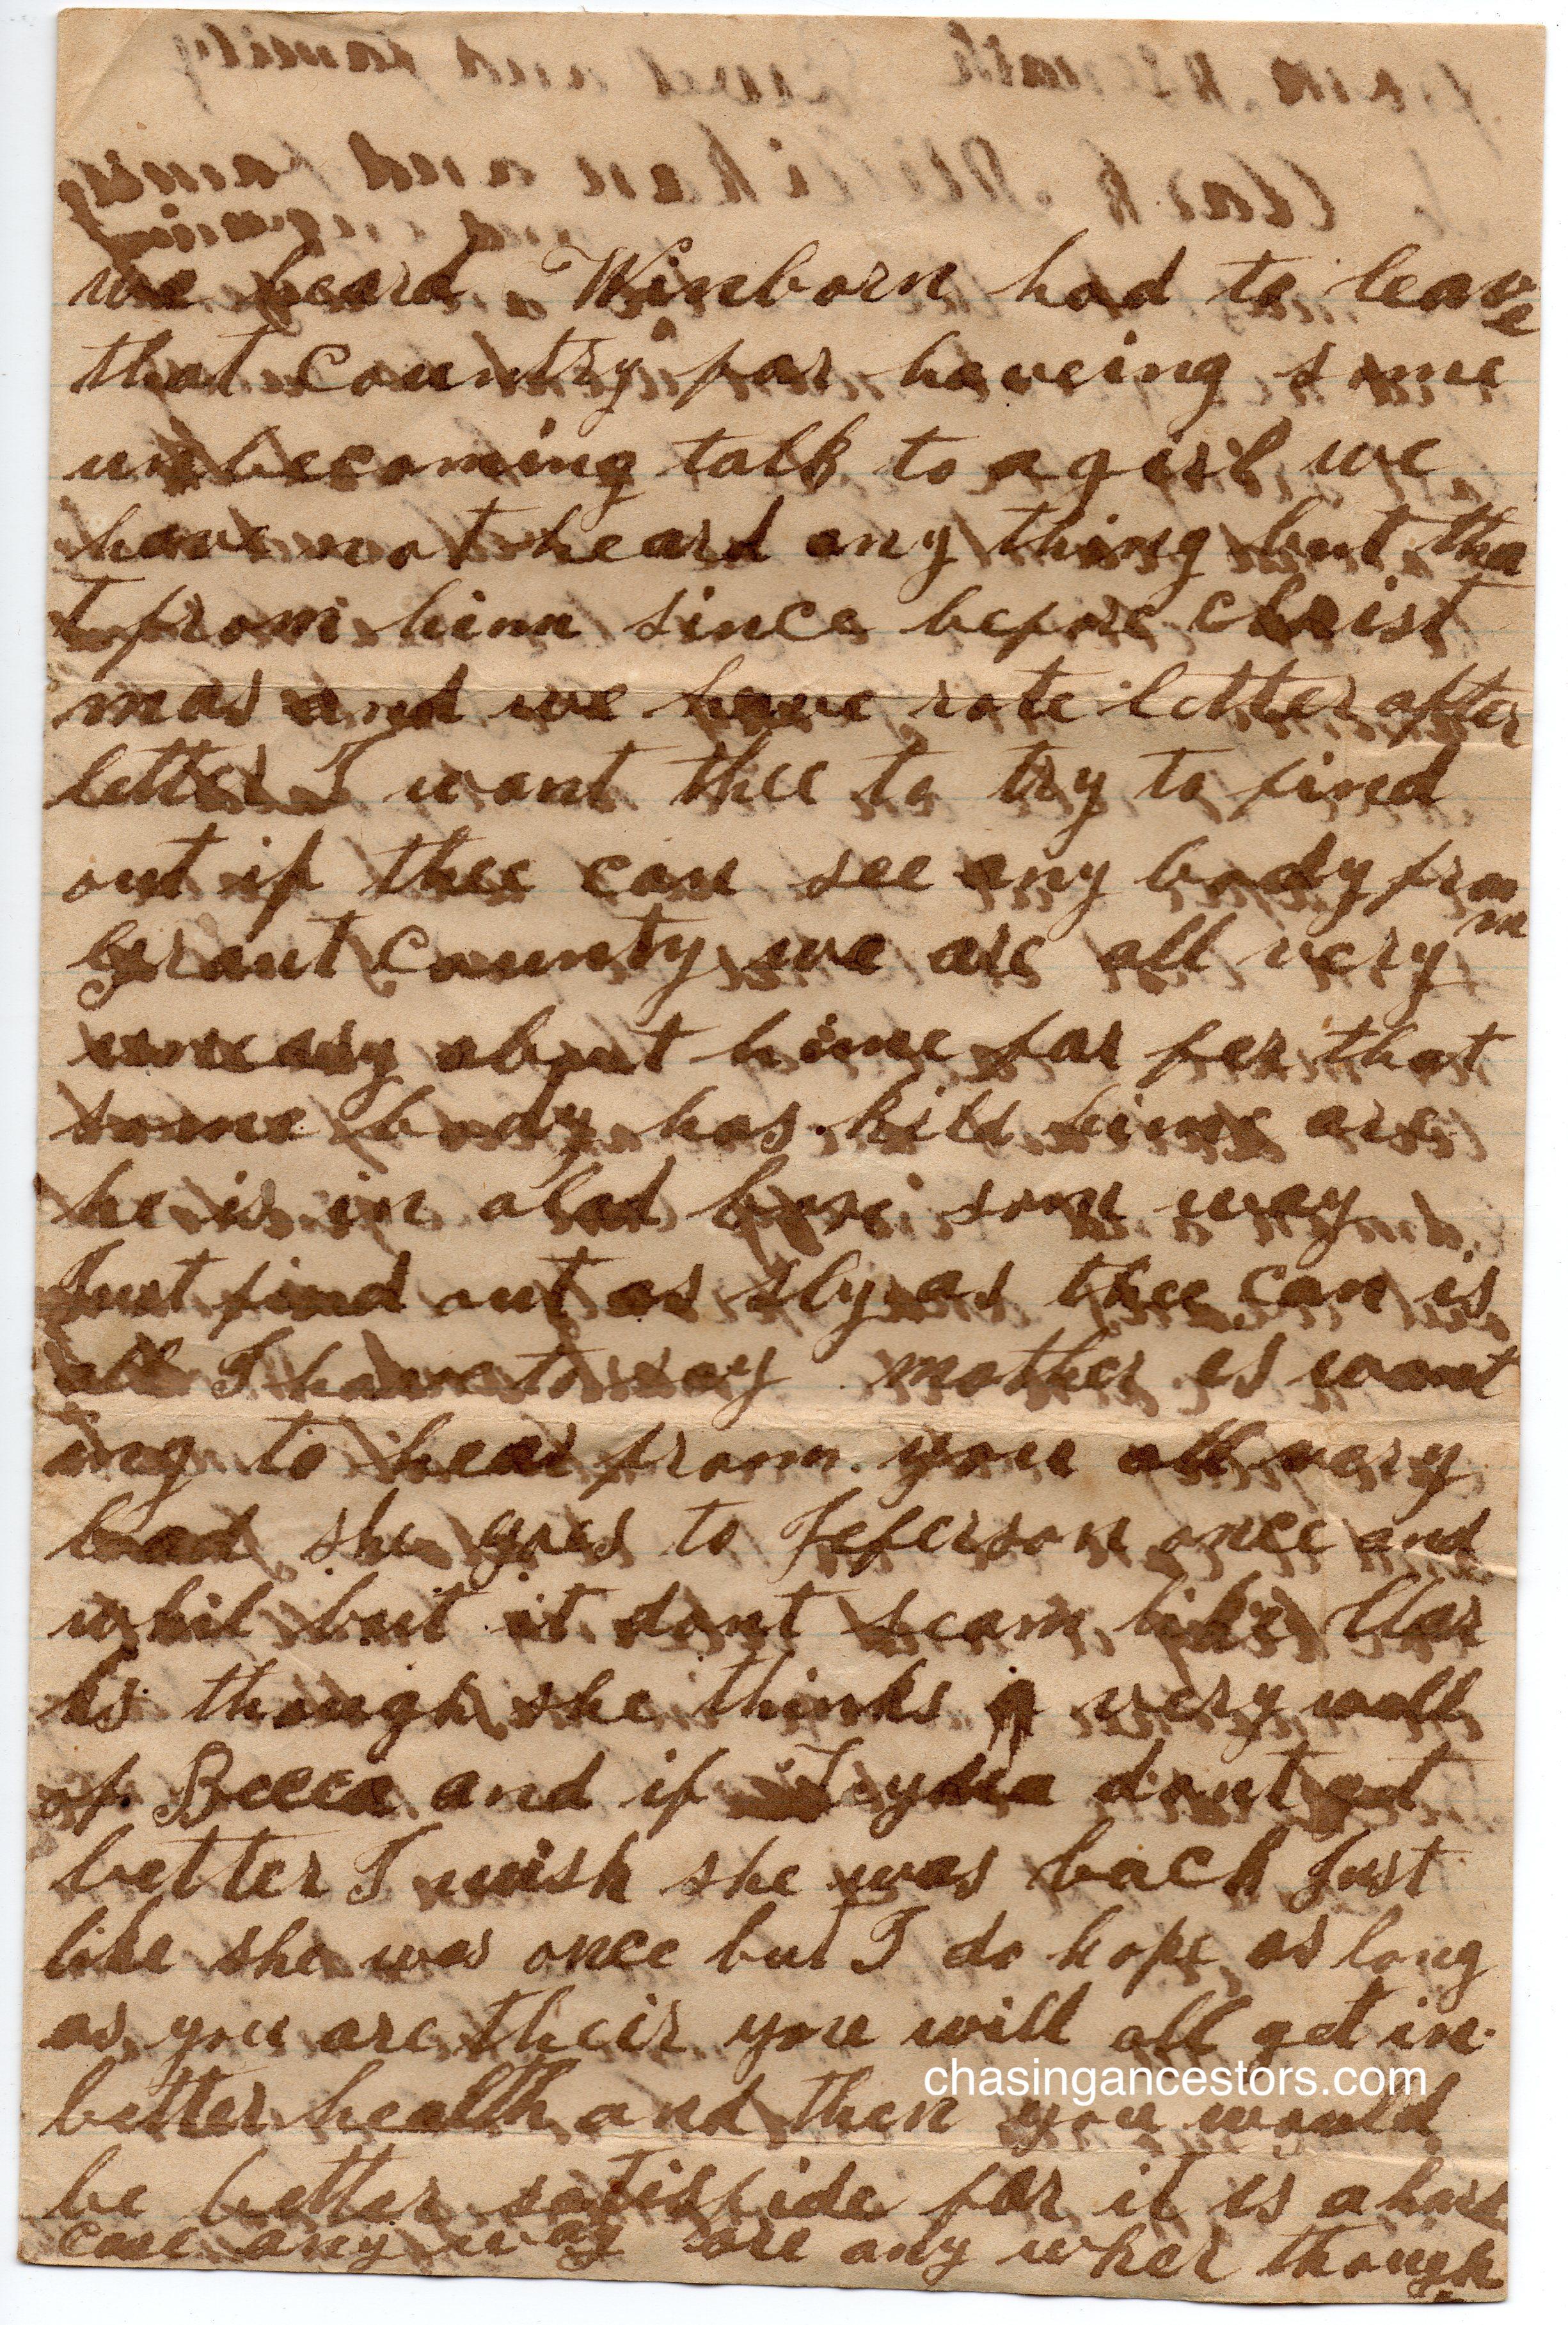 1866 letter 3 copy